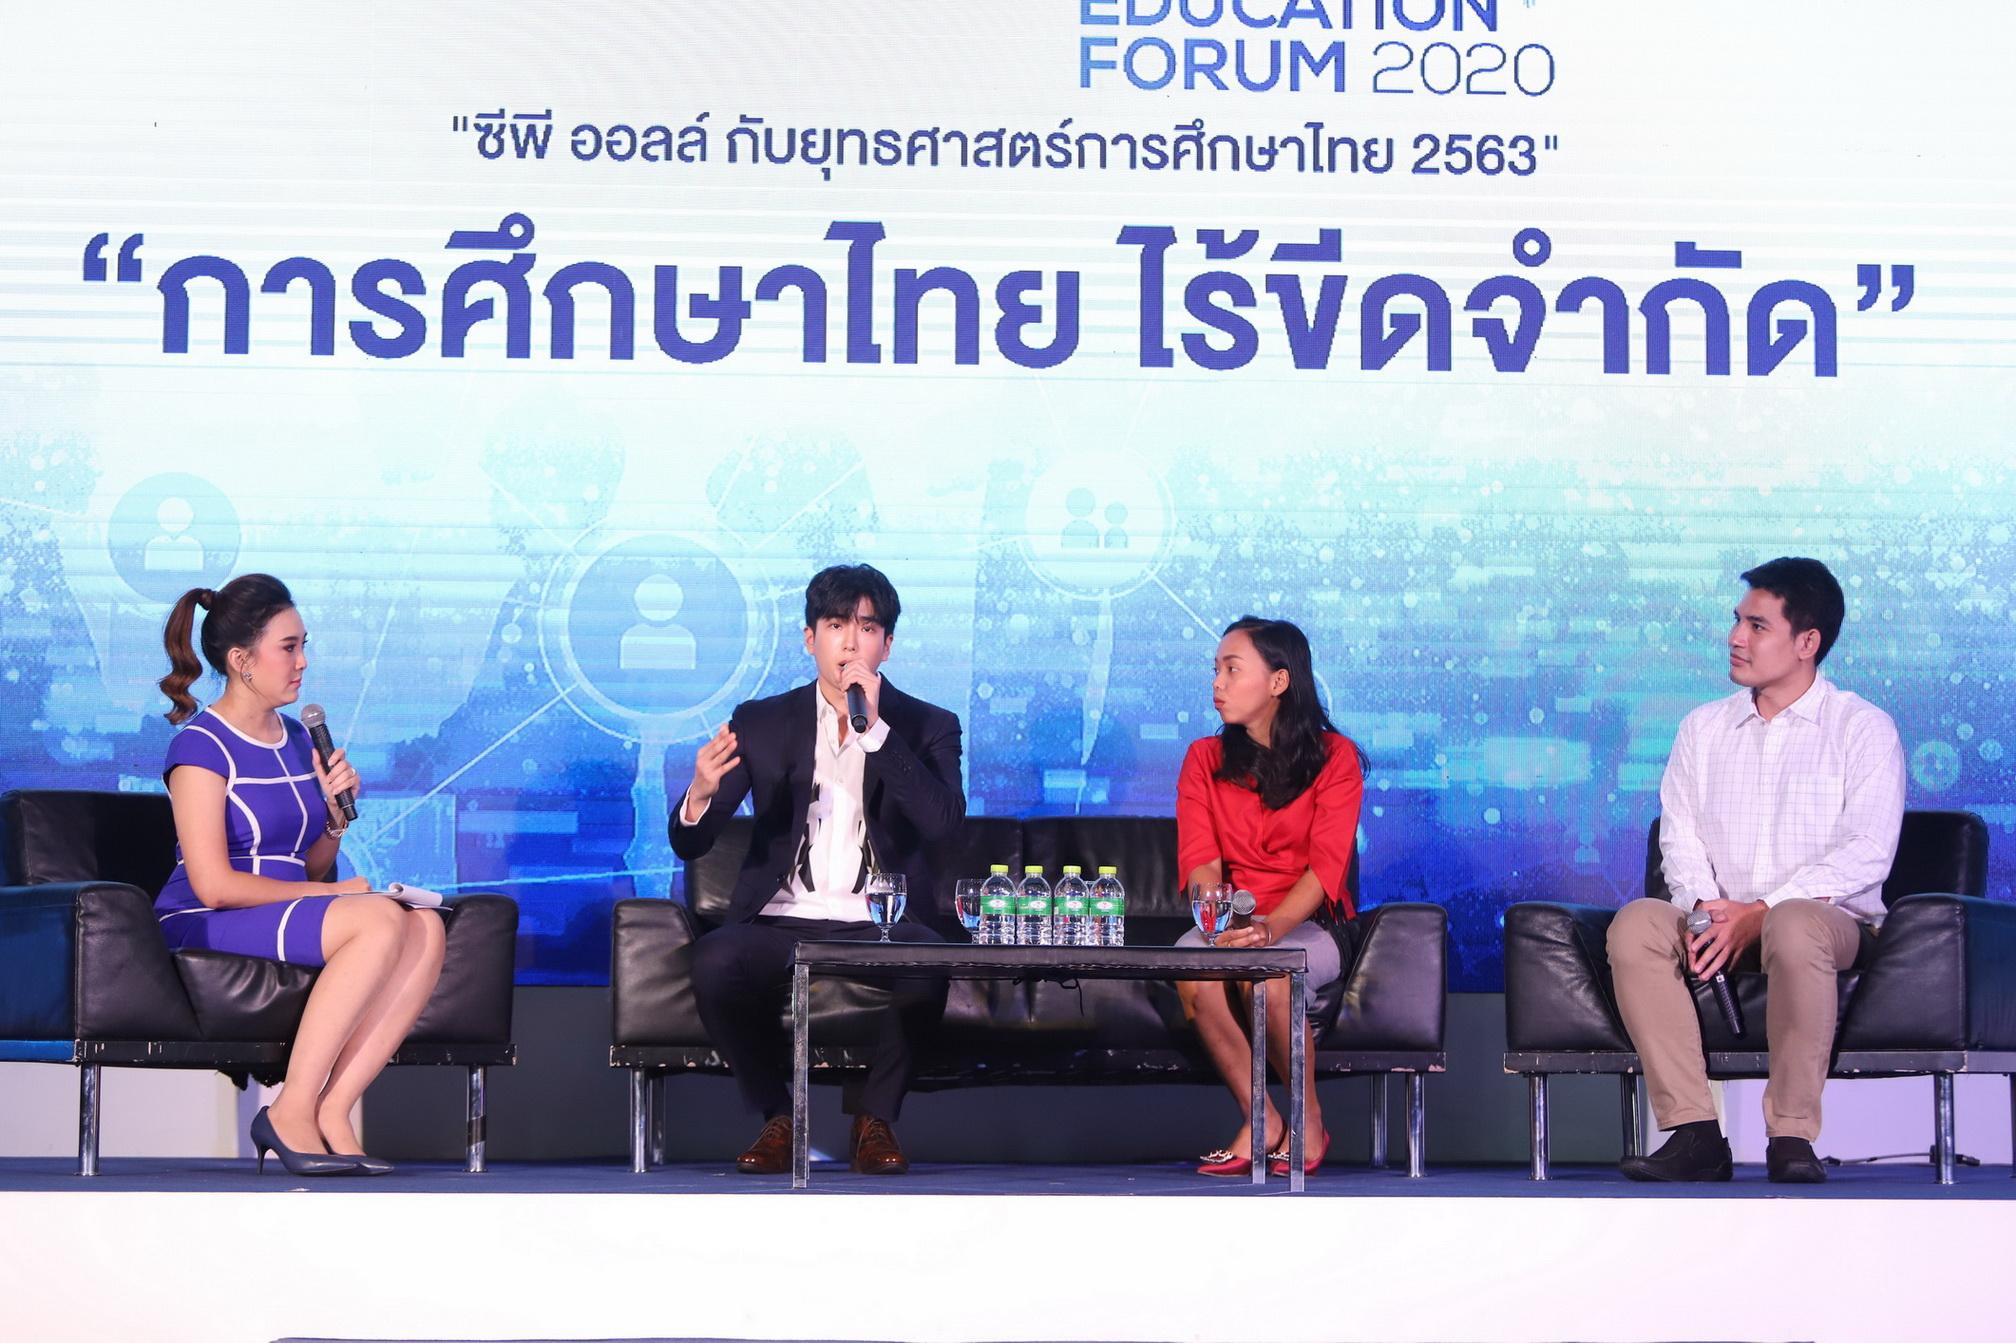 """""""ซีพี ออลล์"""" เล็งมอบทุน 1,000 ล้าน สนับสนุนยุทธศาสตร์การศึกษาไทย 2020"""